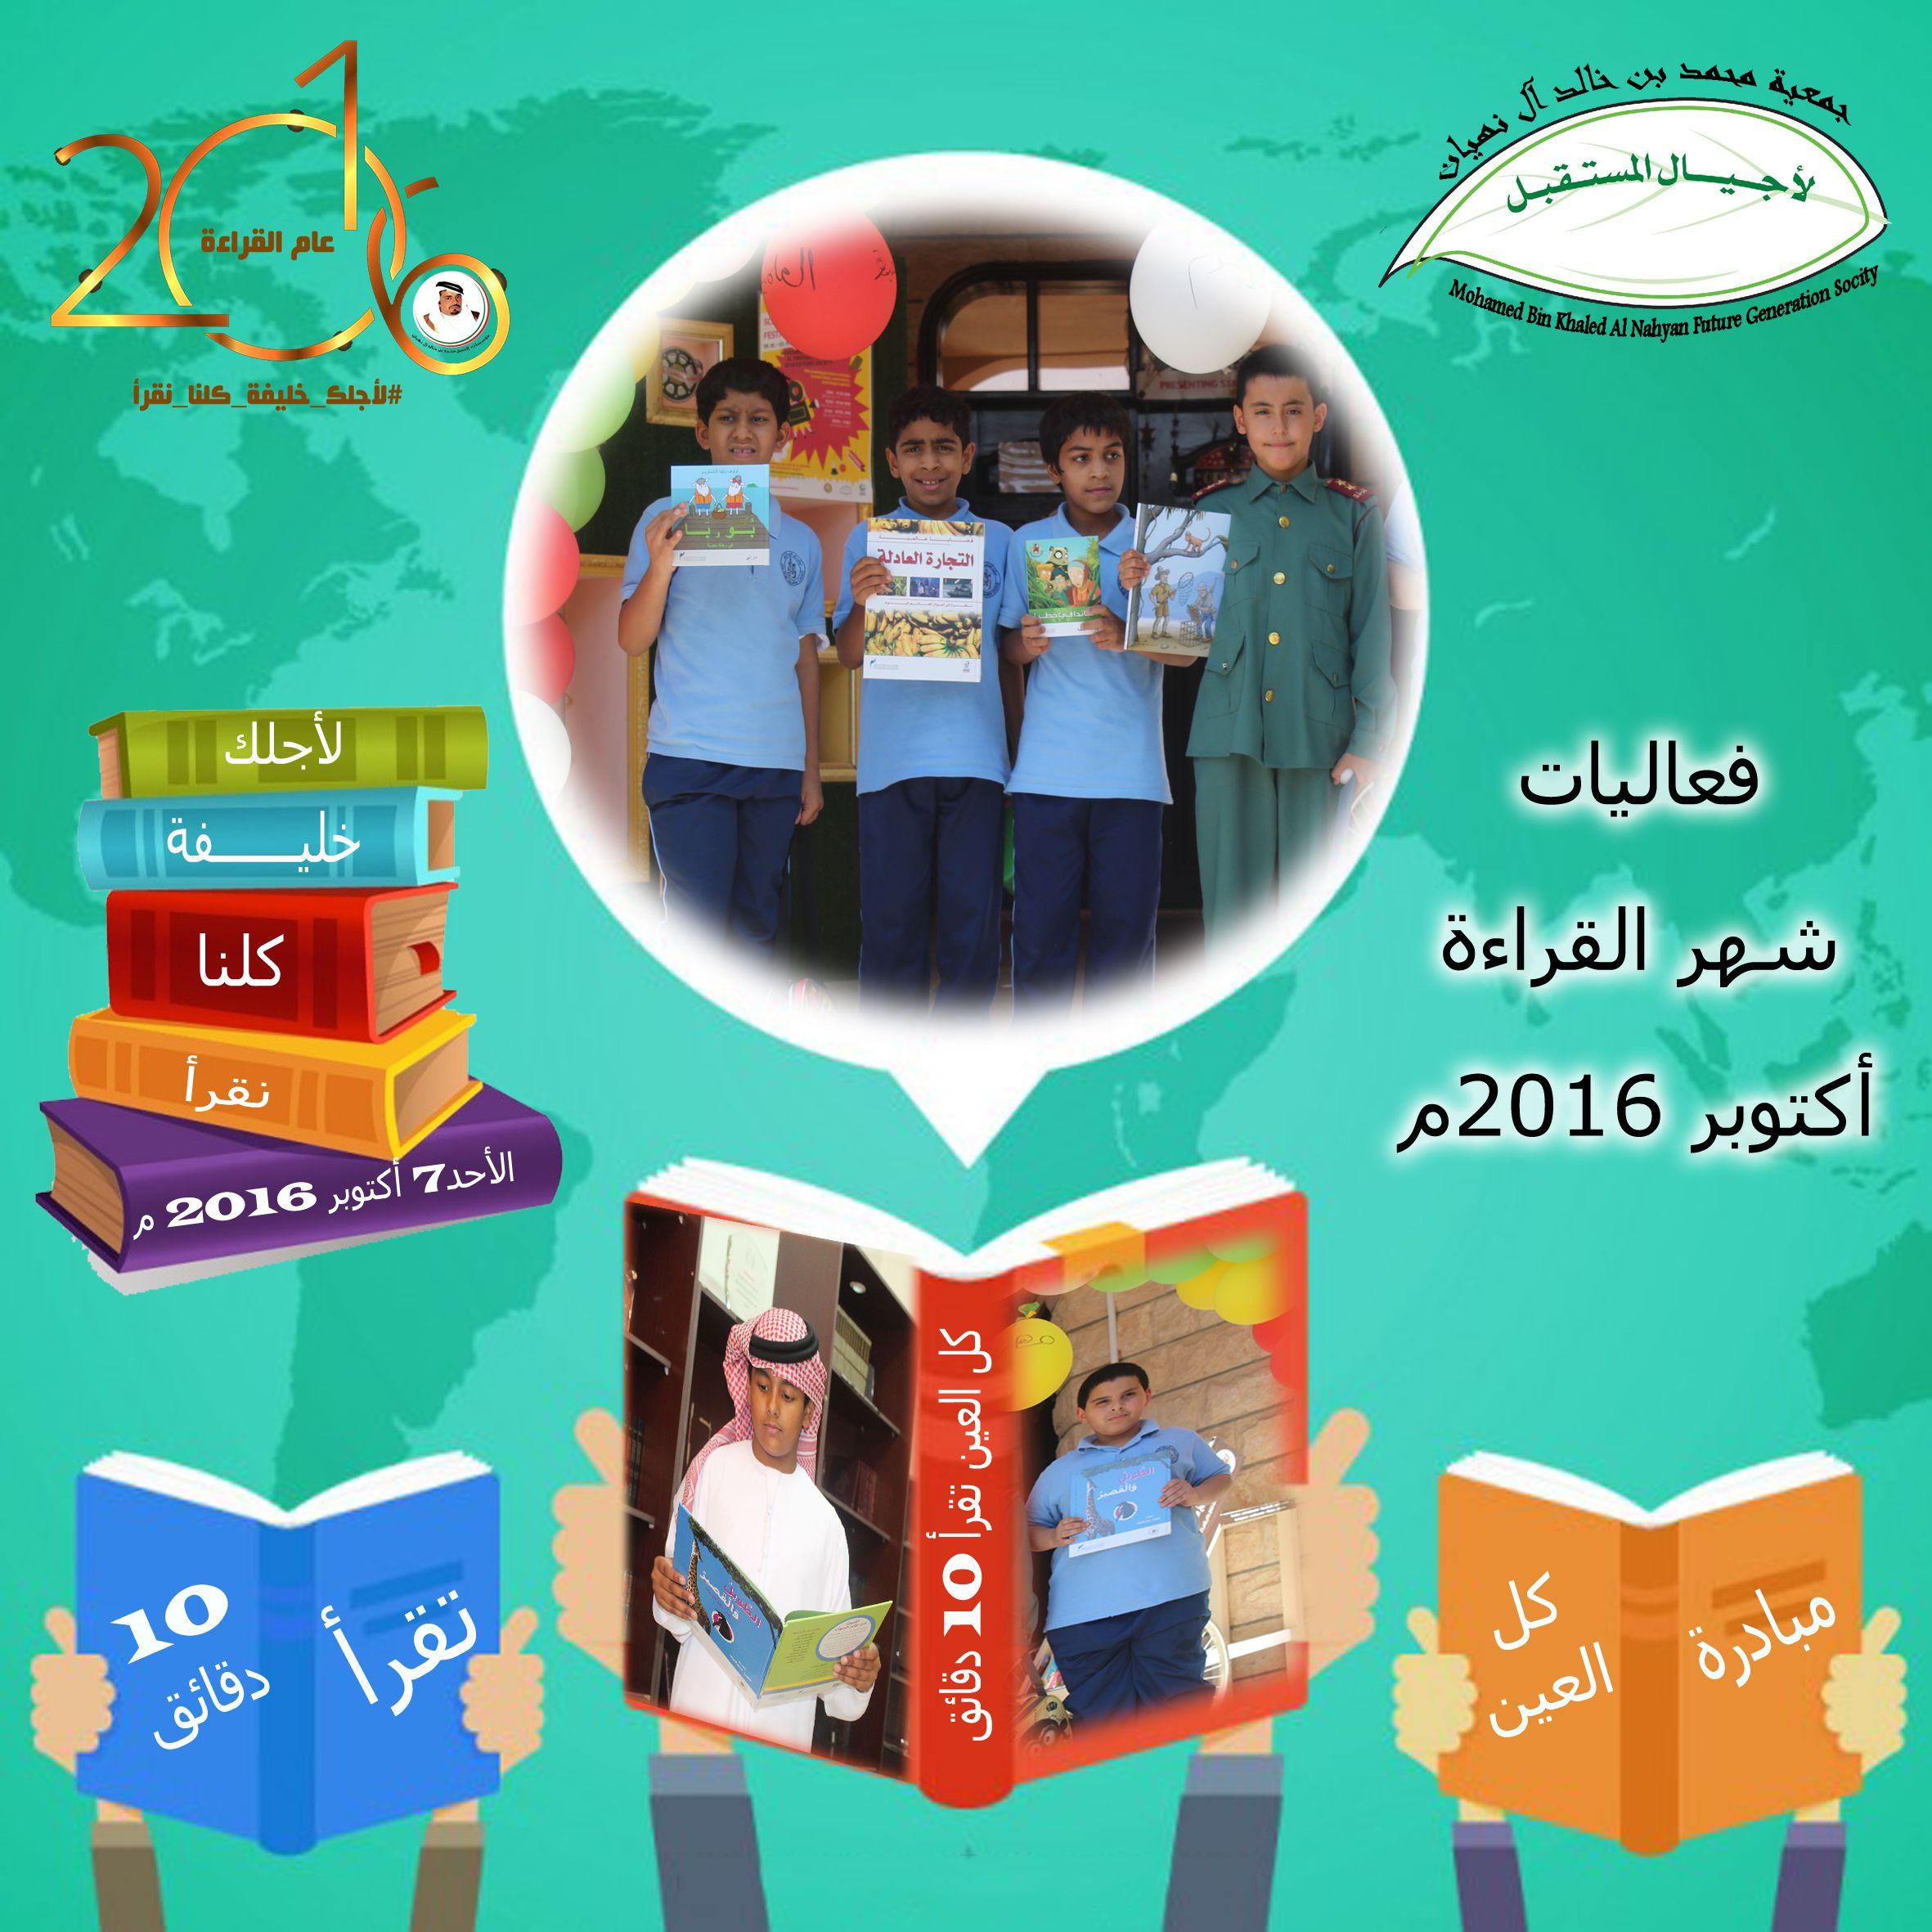 فعاليات شهر القراءة بمقر مركز الشيخ محمد بن خالد آل نهيان الثقافي يوم الأحد الموافق 9 أكتوبر 2016م 10 Things